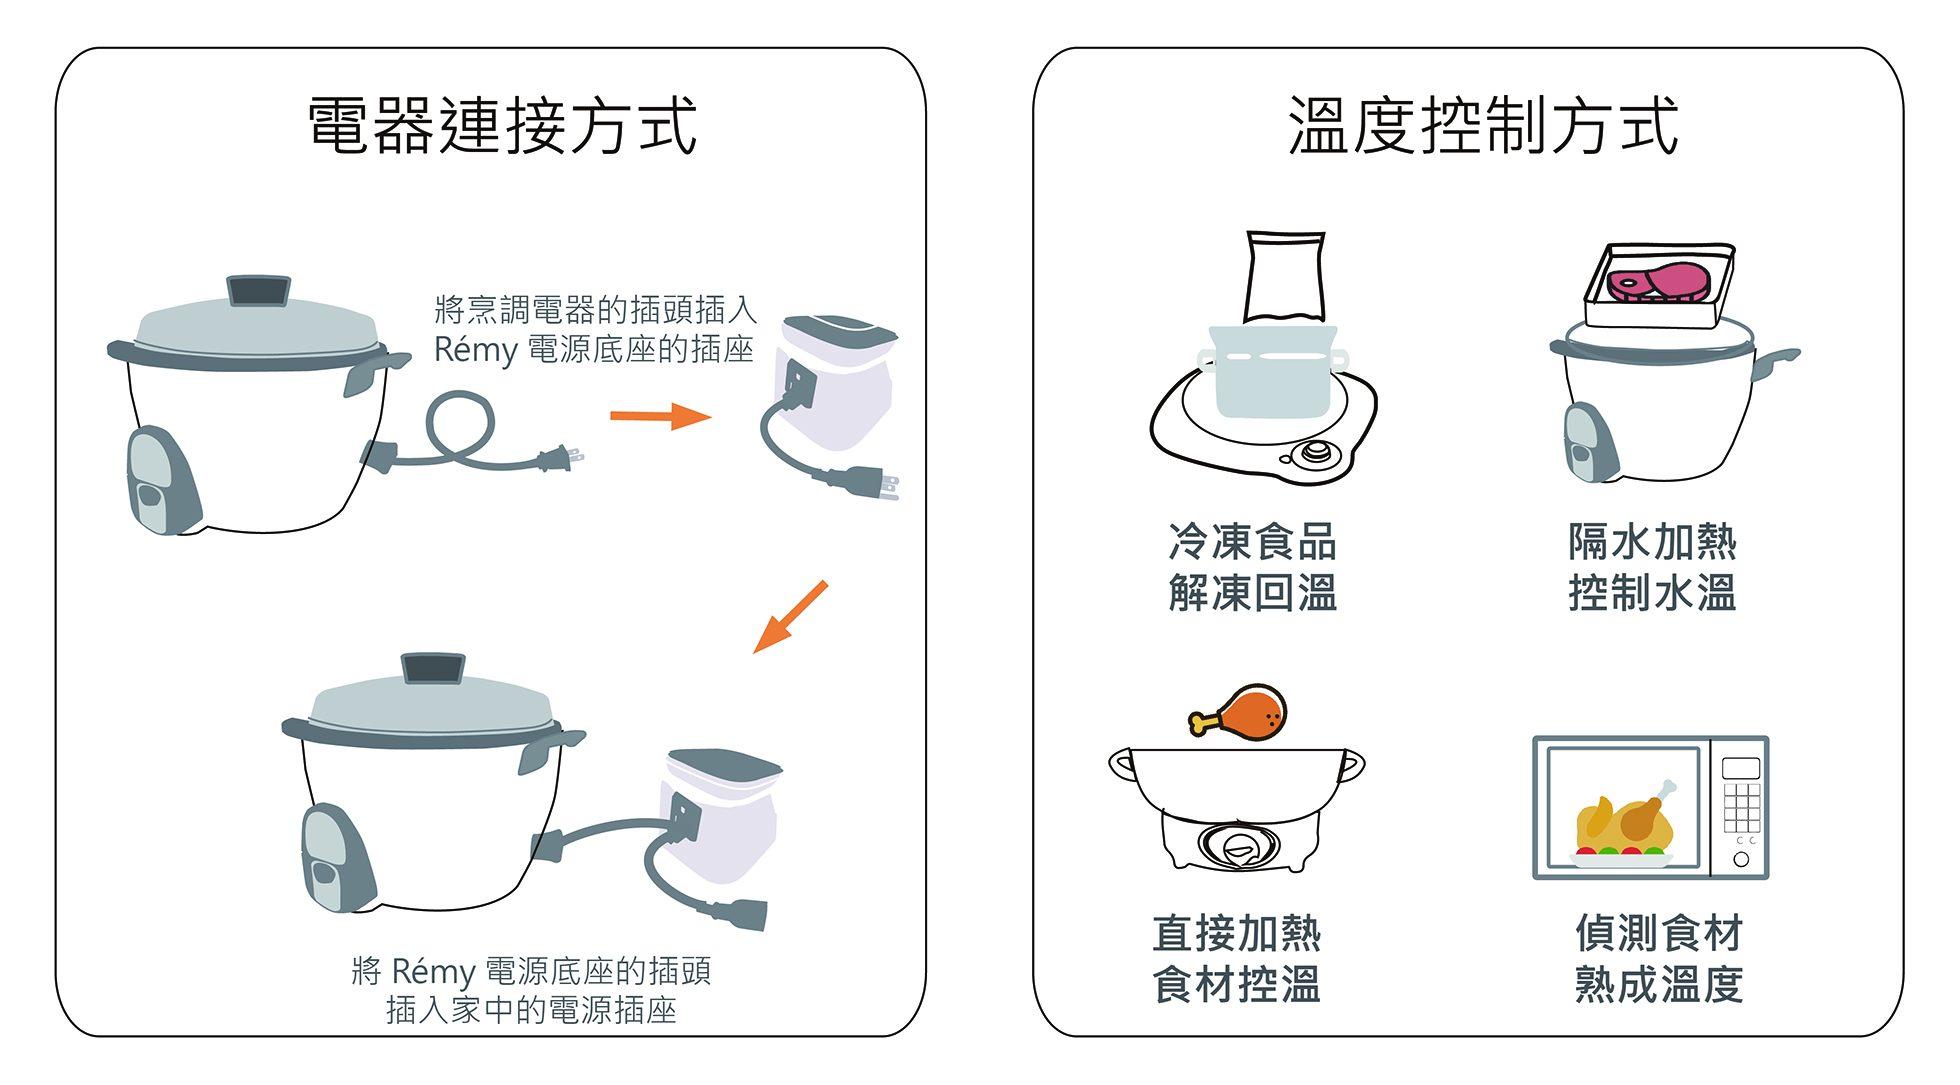 電器連接溫度控制